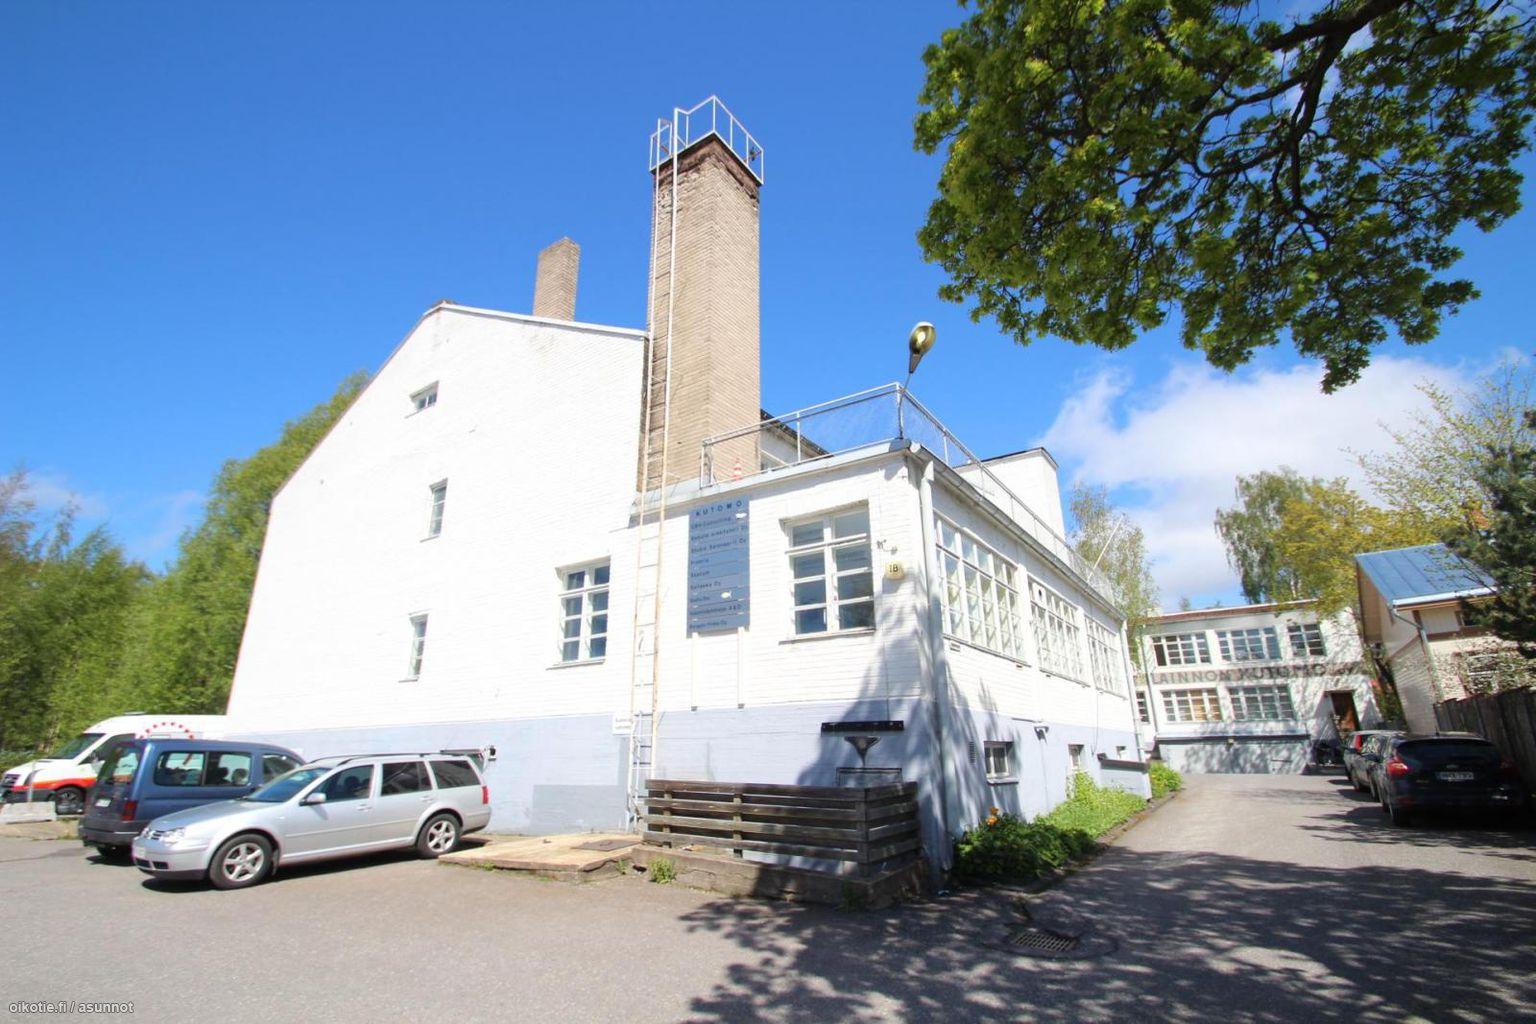 60 m² Kalastajankatu 1, 20100 Turku Toimistotila Kaksio vuokrattavana - Oikotie 13998294